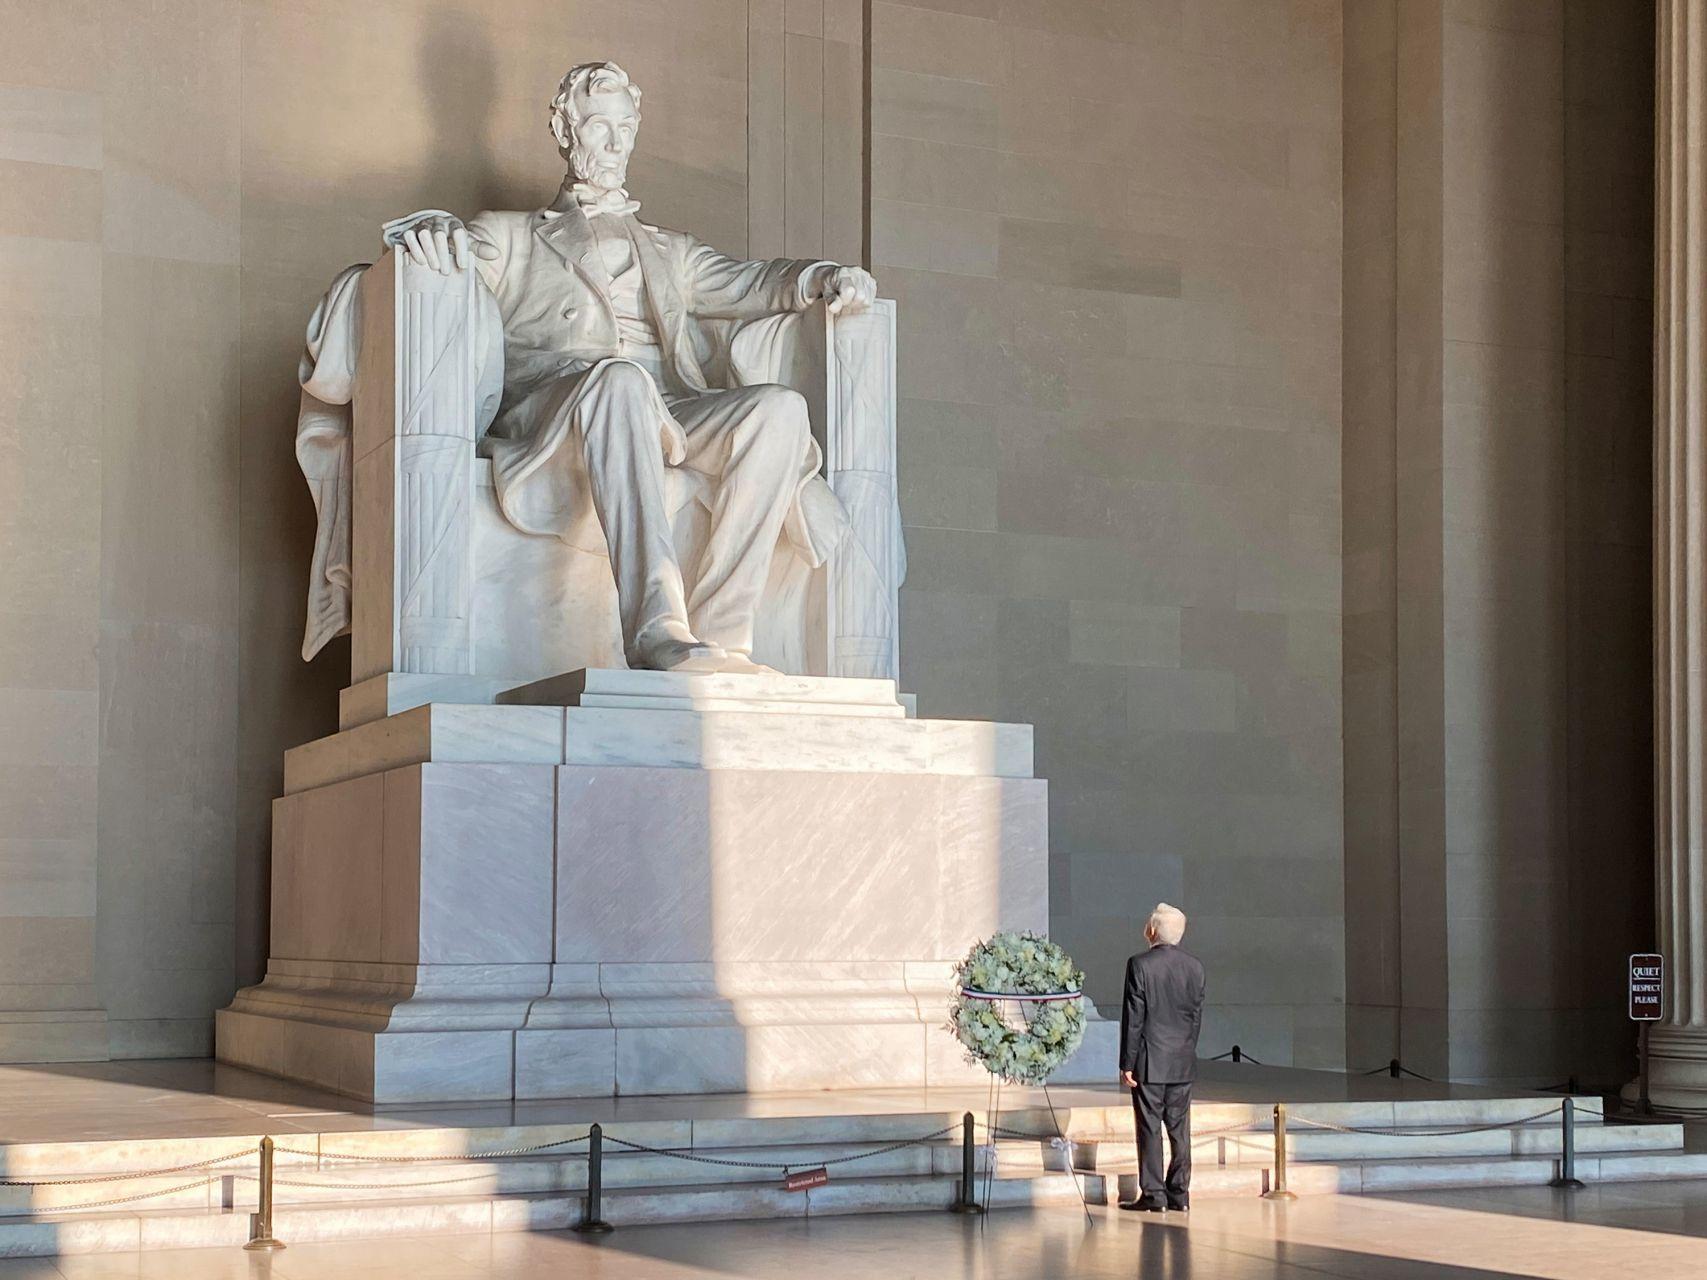 El presidente de México, Andrés Manuel López Obrador, en el monumento a Lincoln